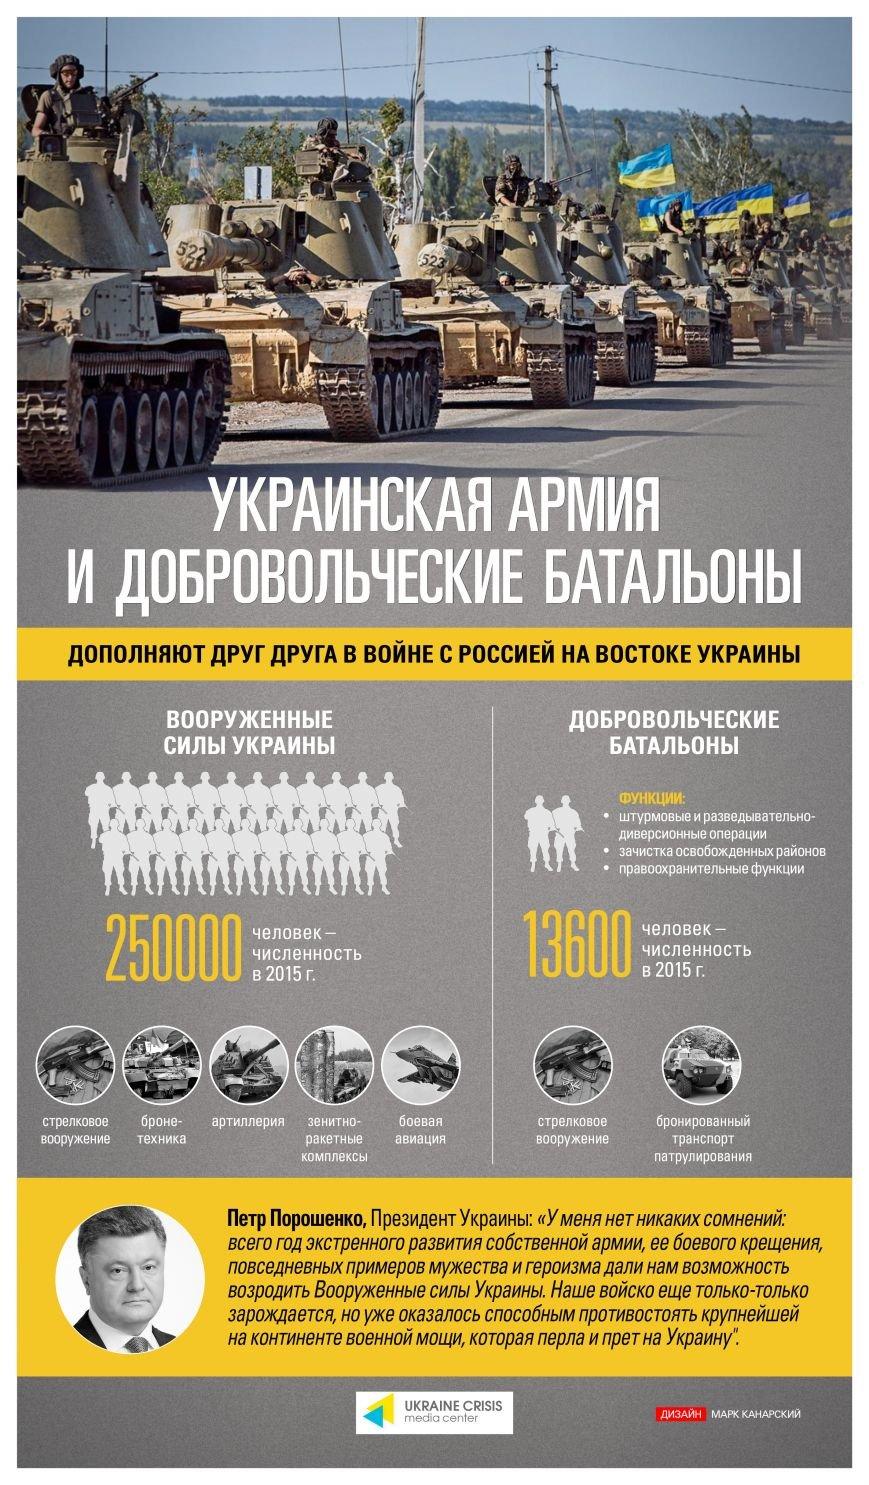 info-batalion-russ-06